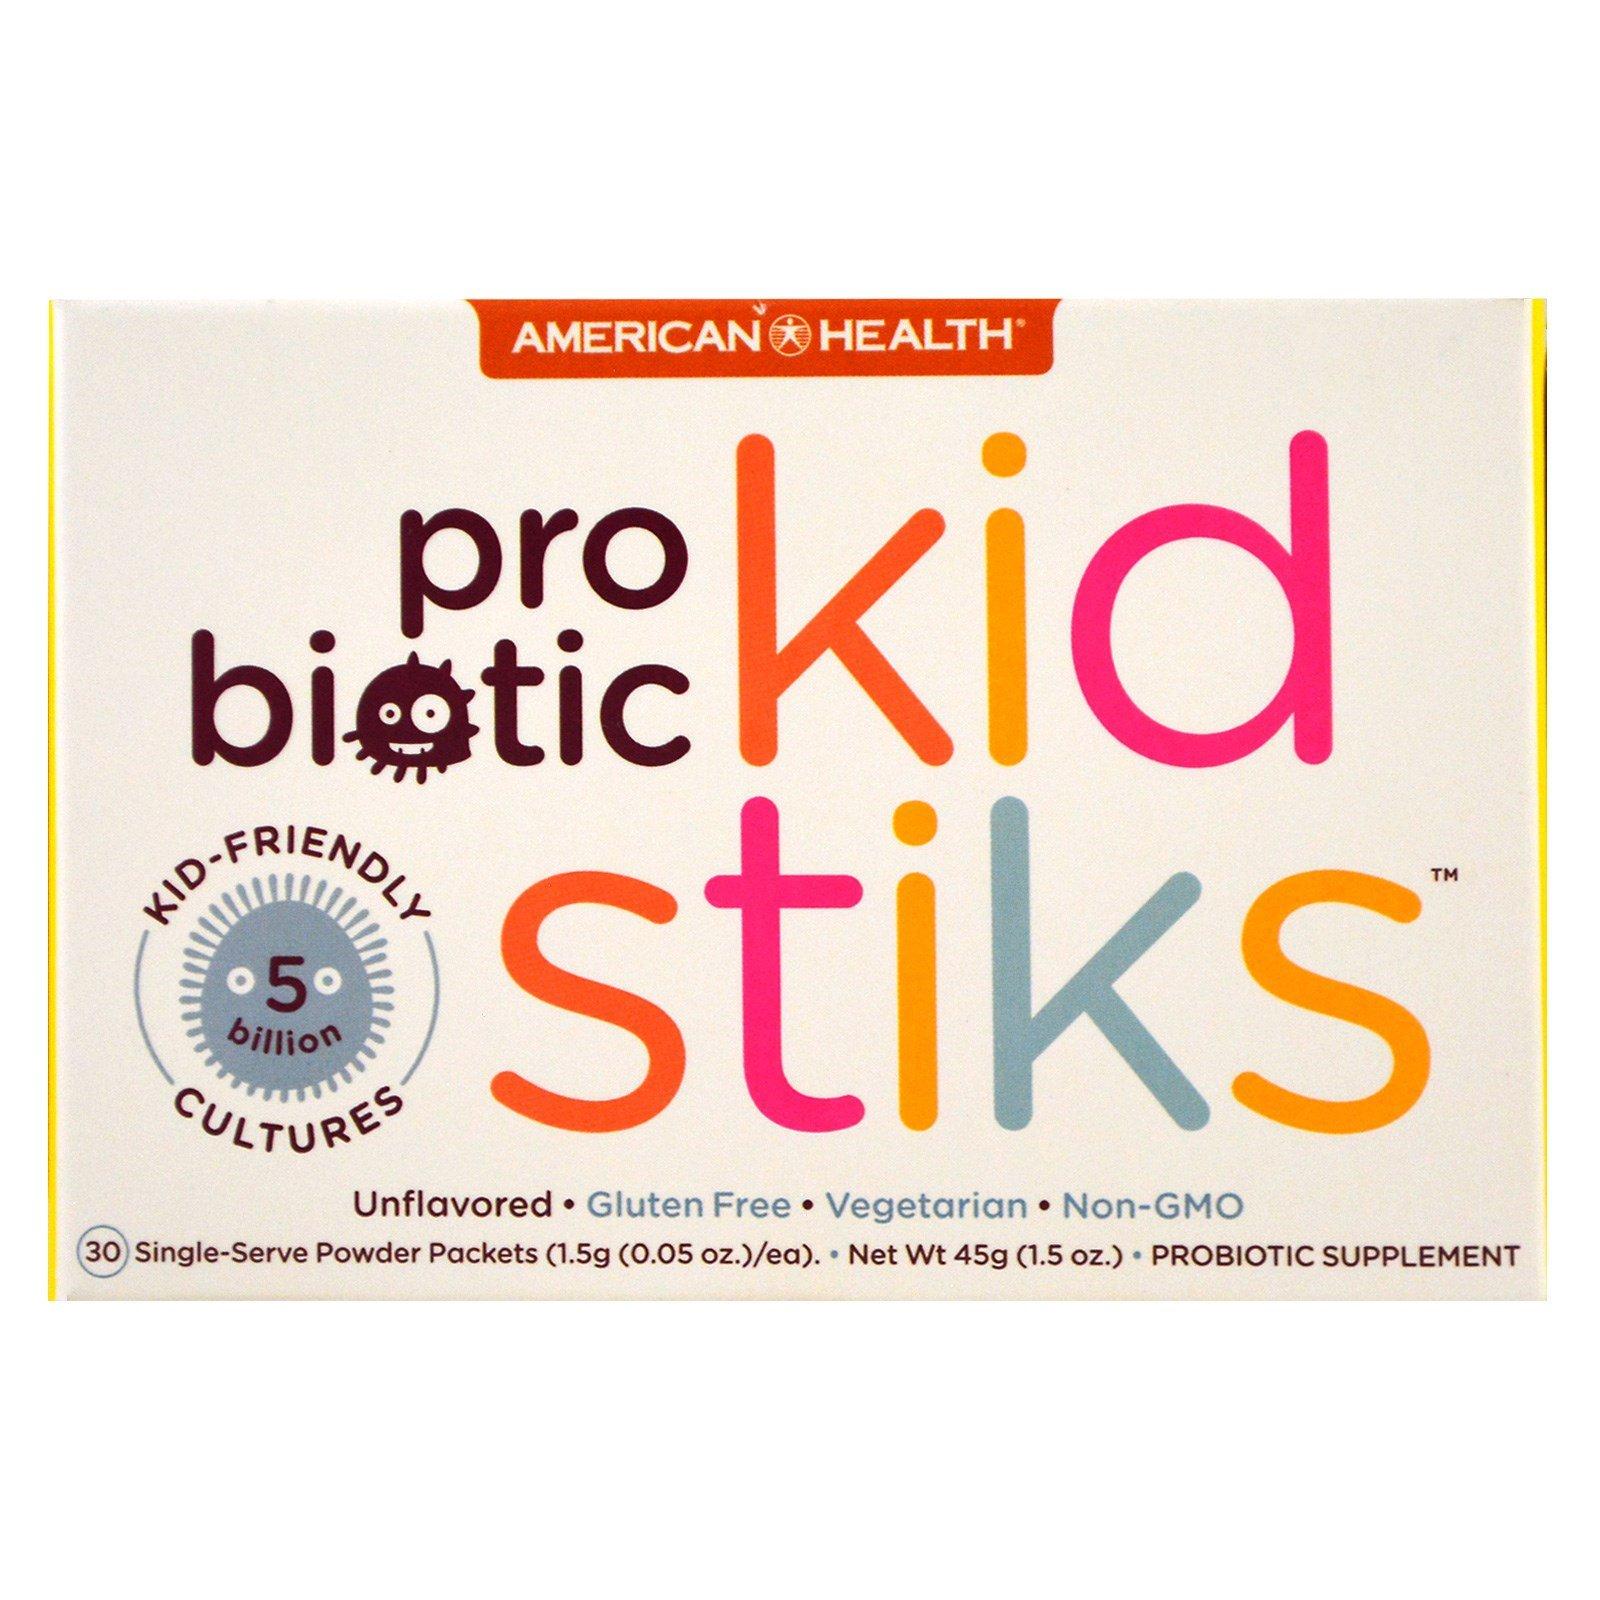 American Health, Пробиотик Kidstiks, не содержит ароматизаторов, 30 пакетов, 1,5 г (0,05 унции) каждый